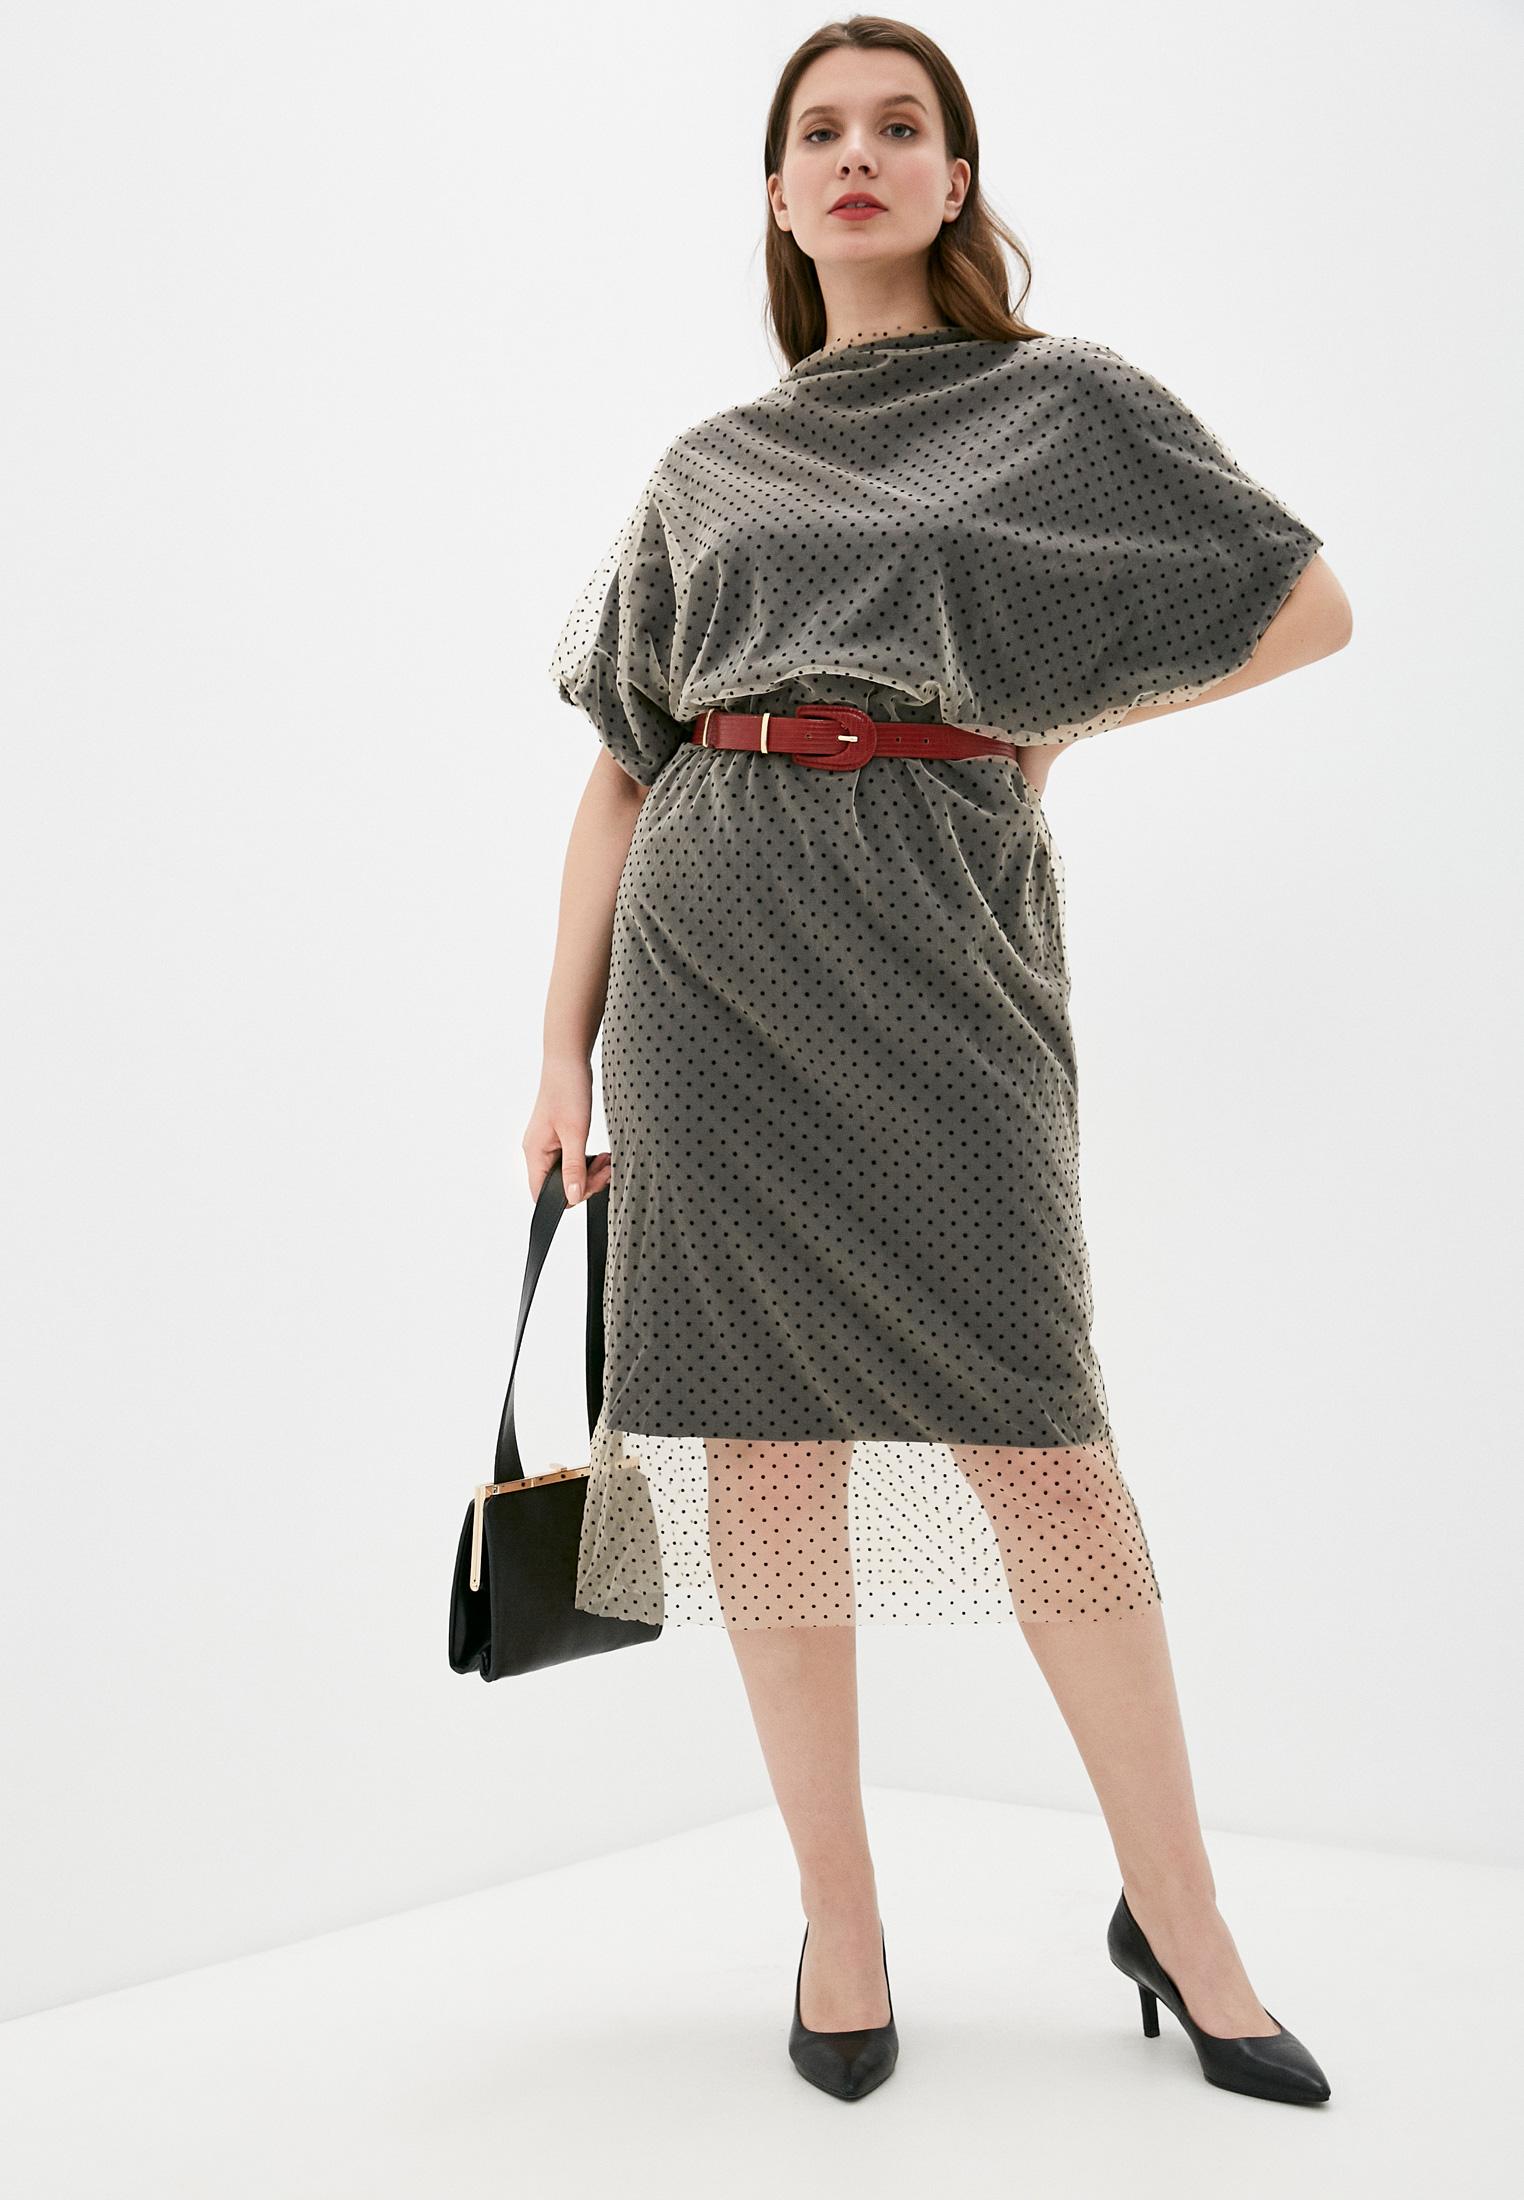 Повседневное платье Nataliy Beate Платье мод.523: изображение 1